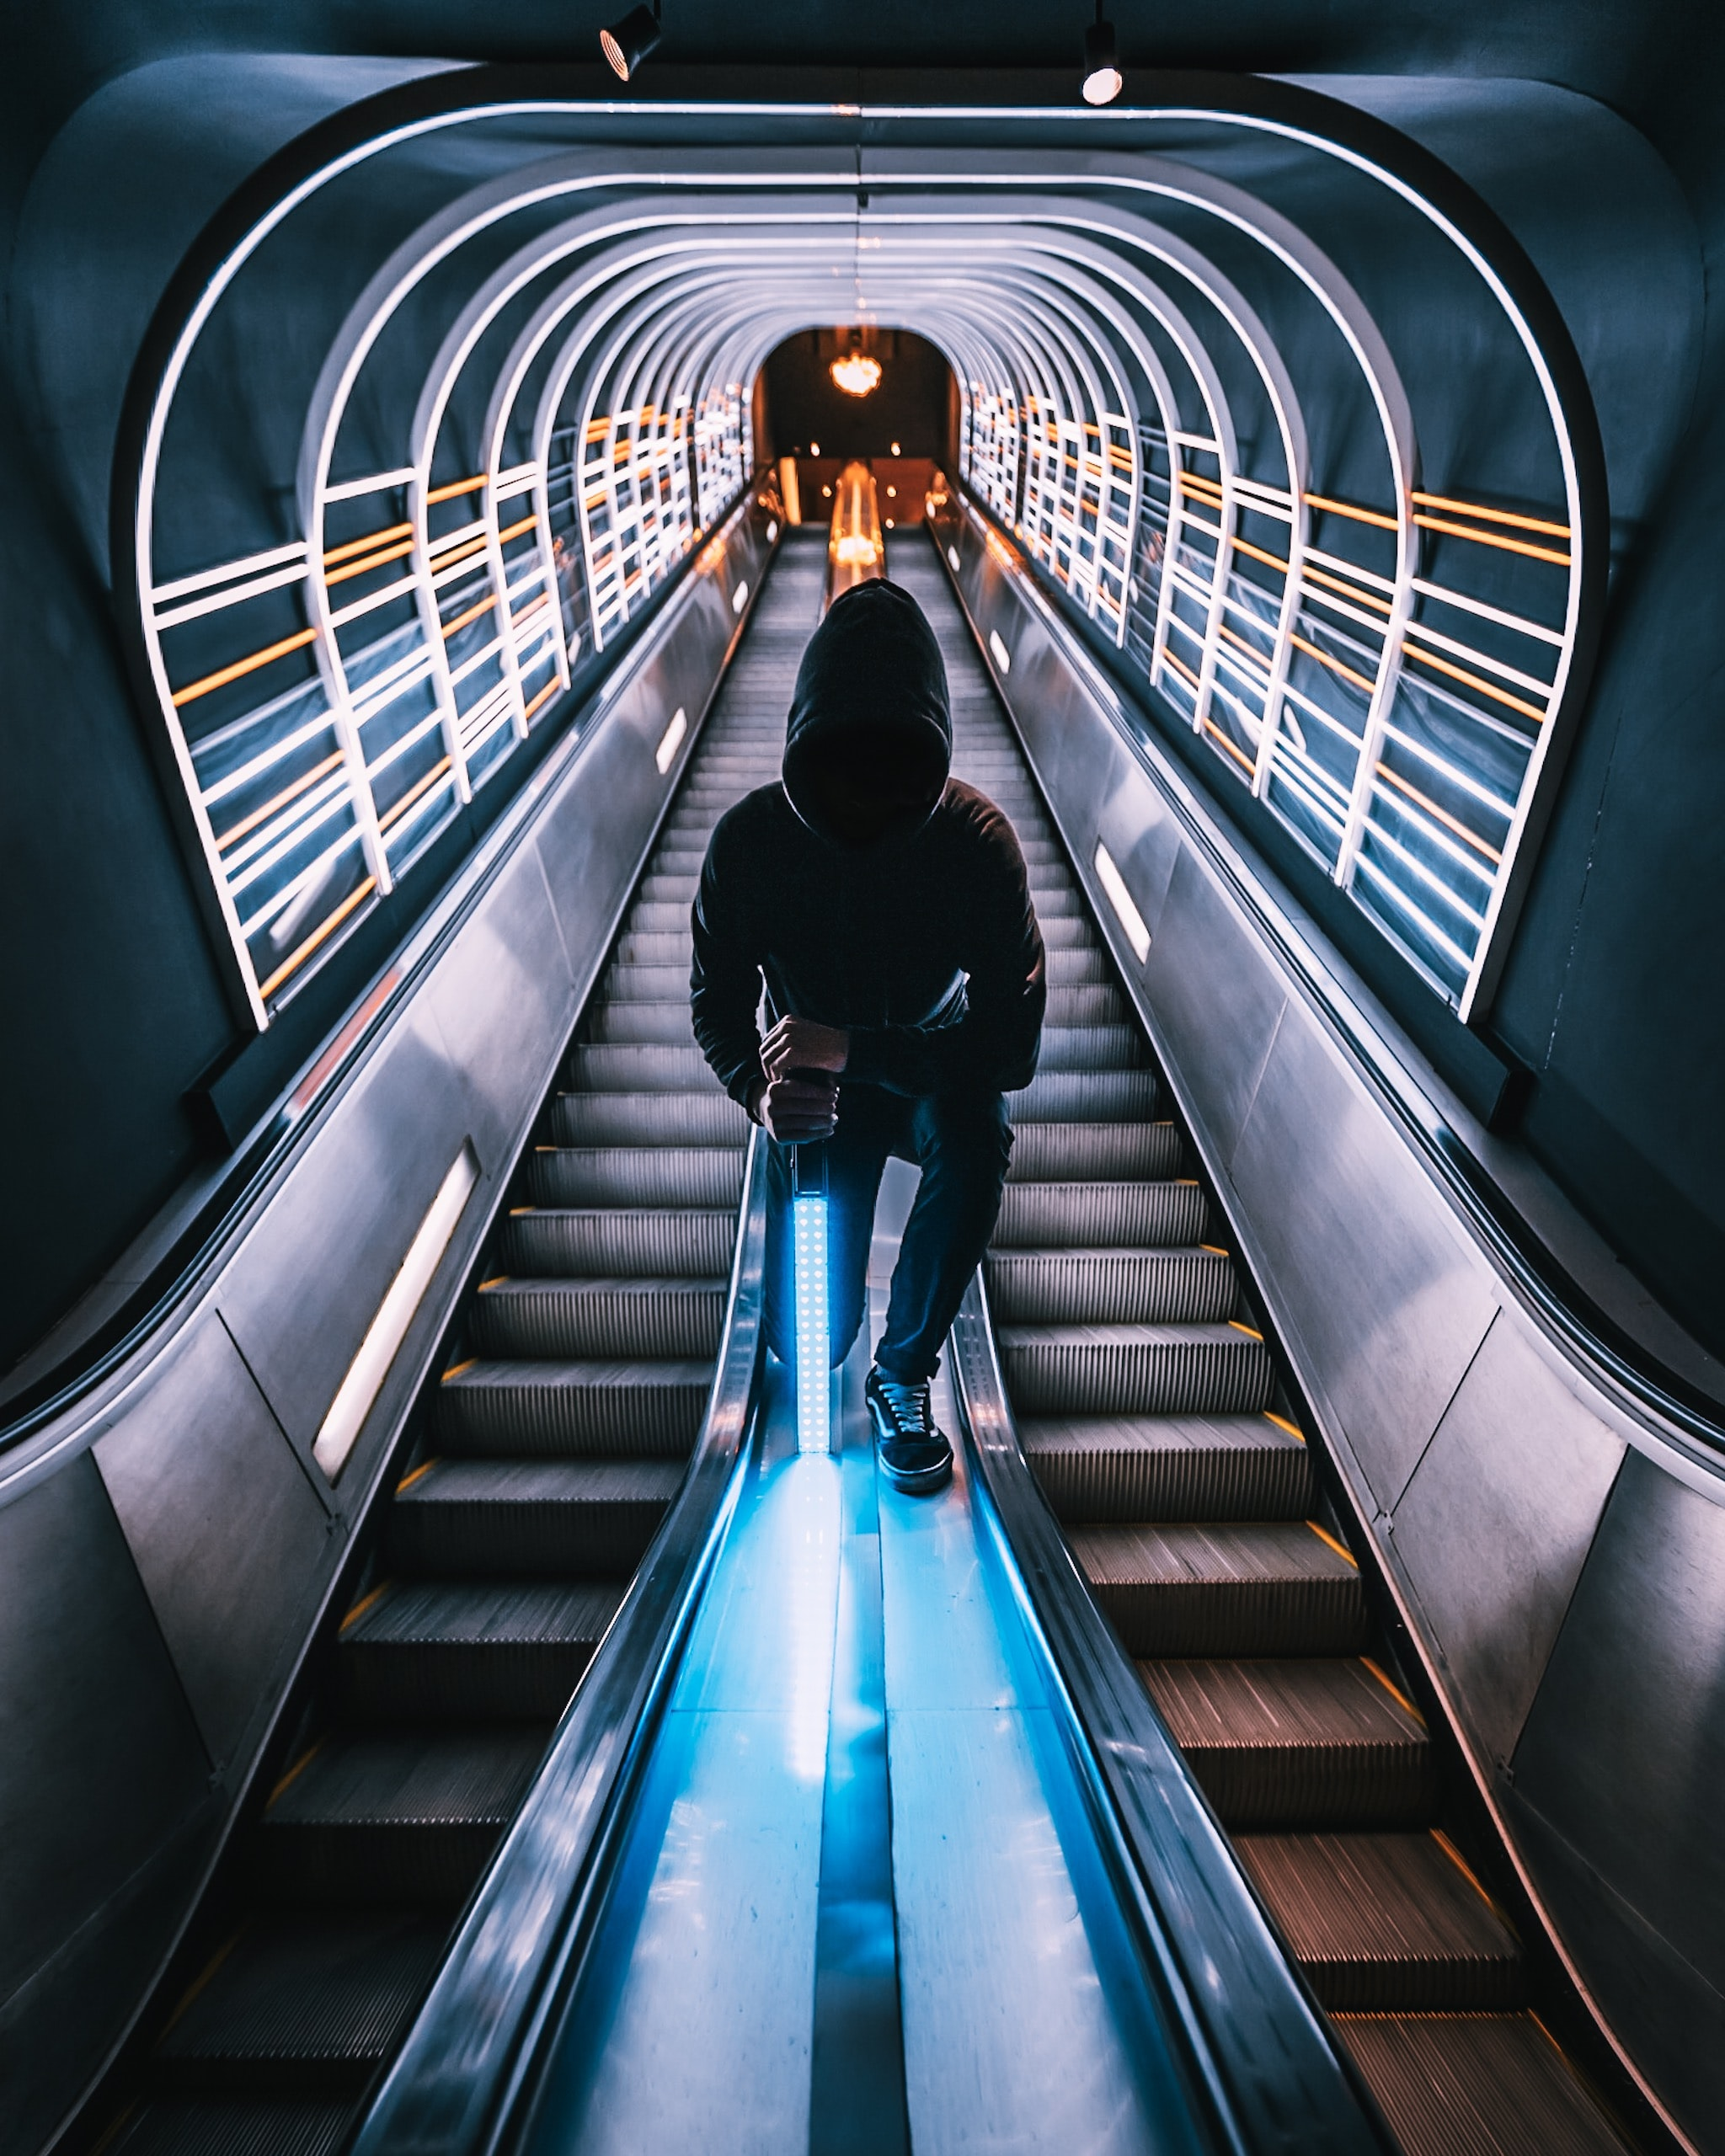 person standing between escalators